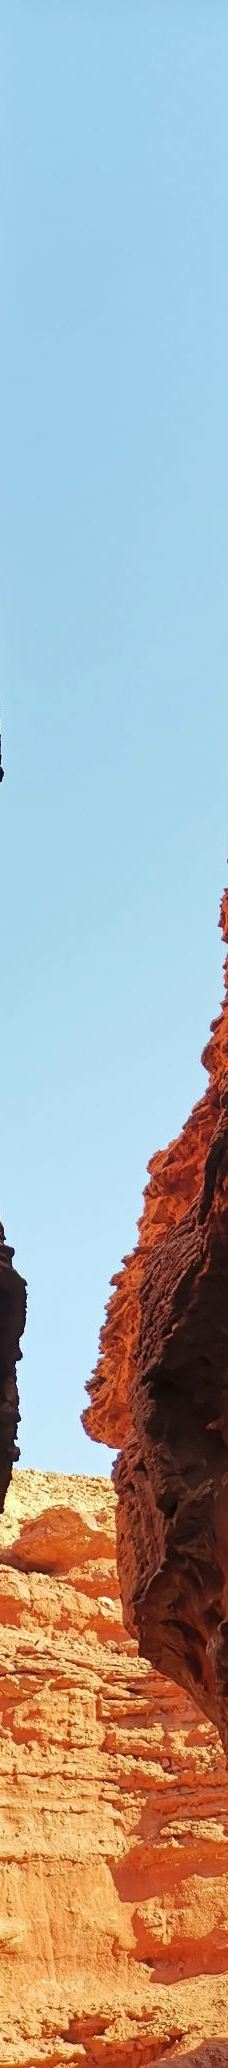 西部梦幻峡谷-阿拉善左旗